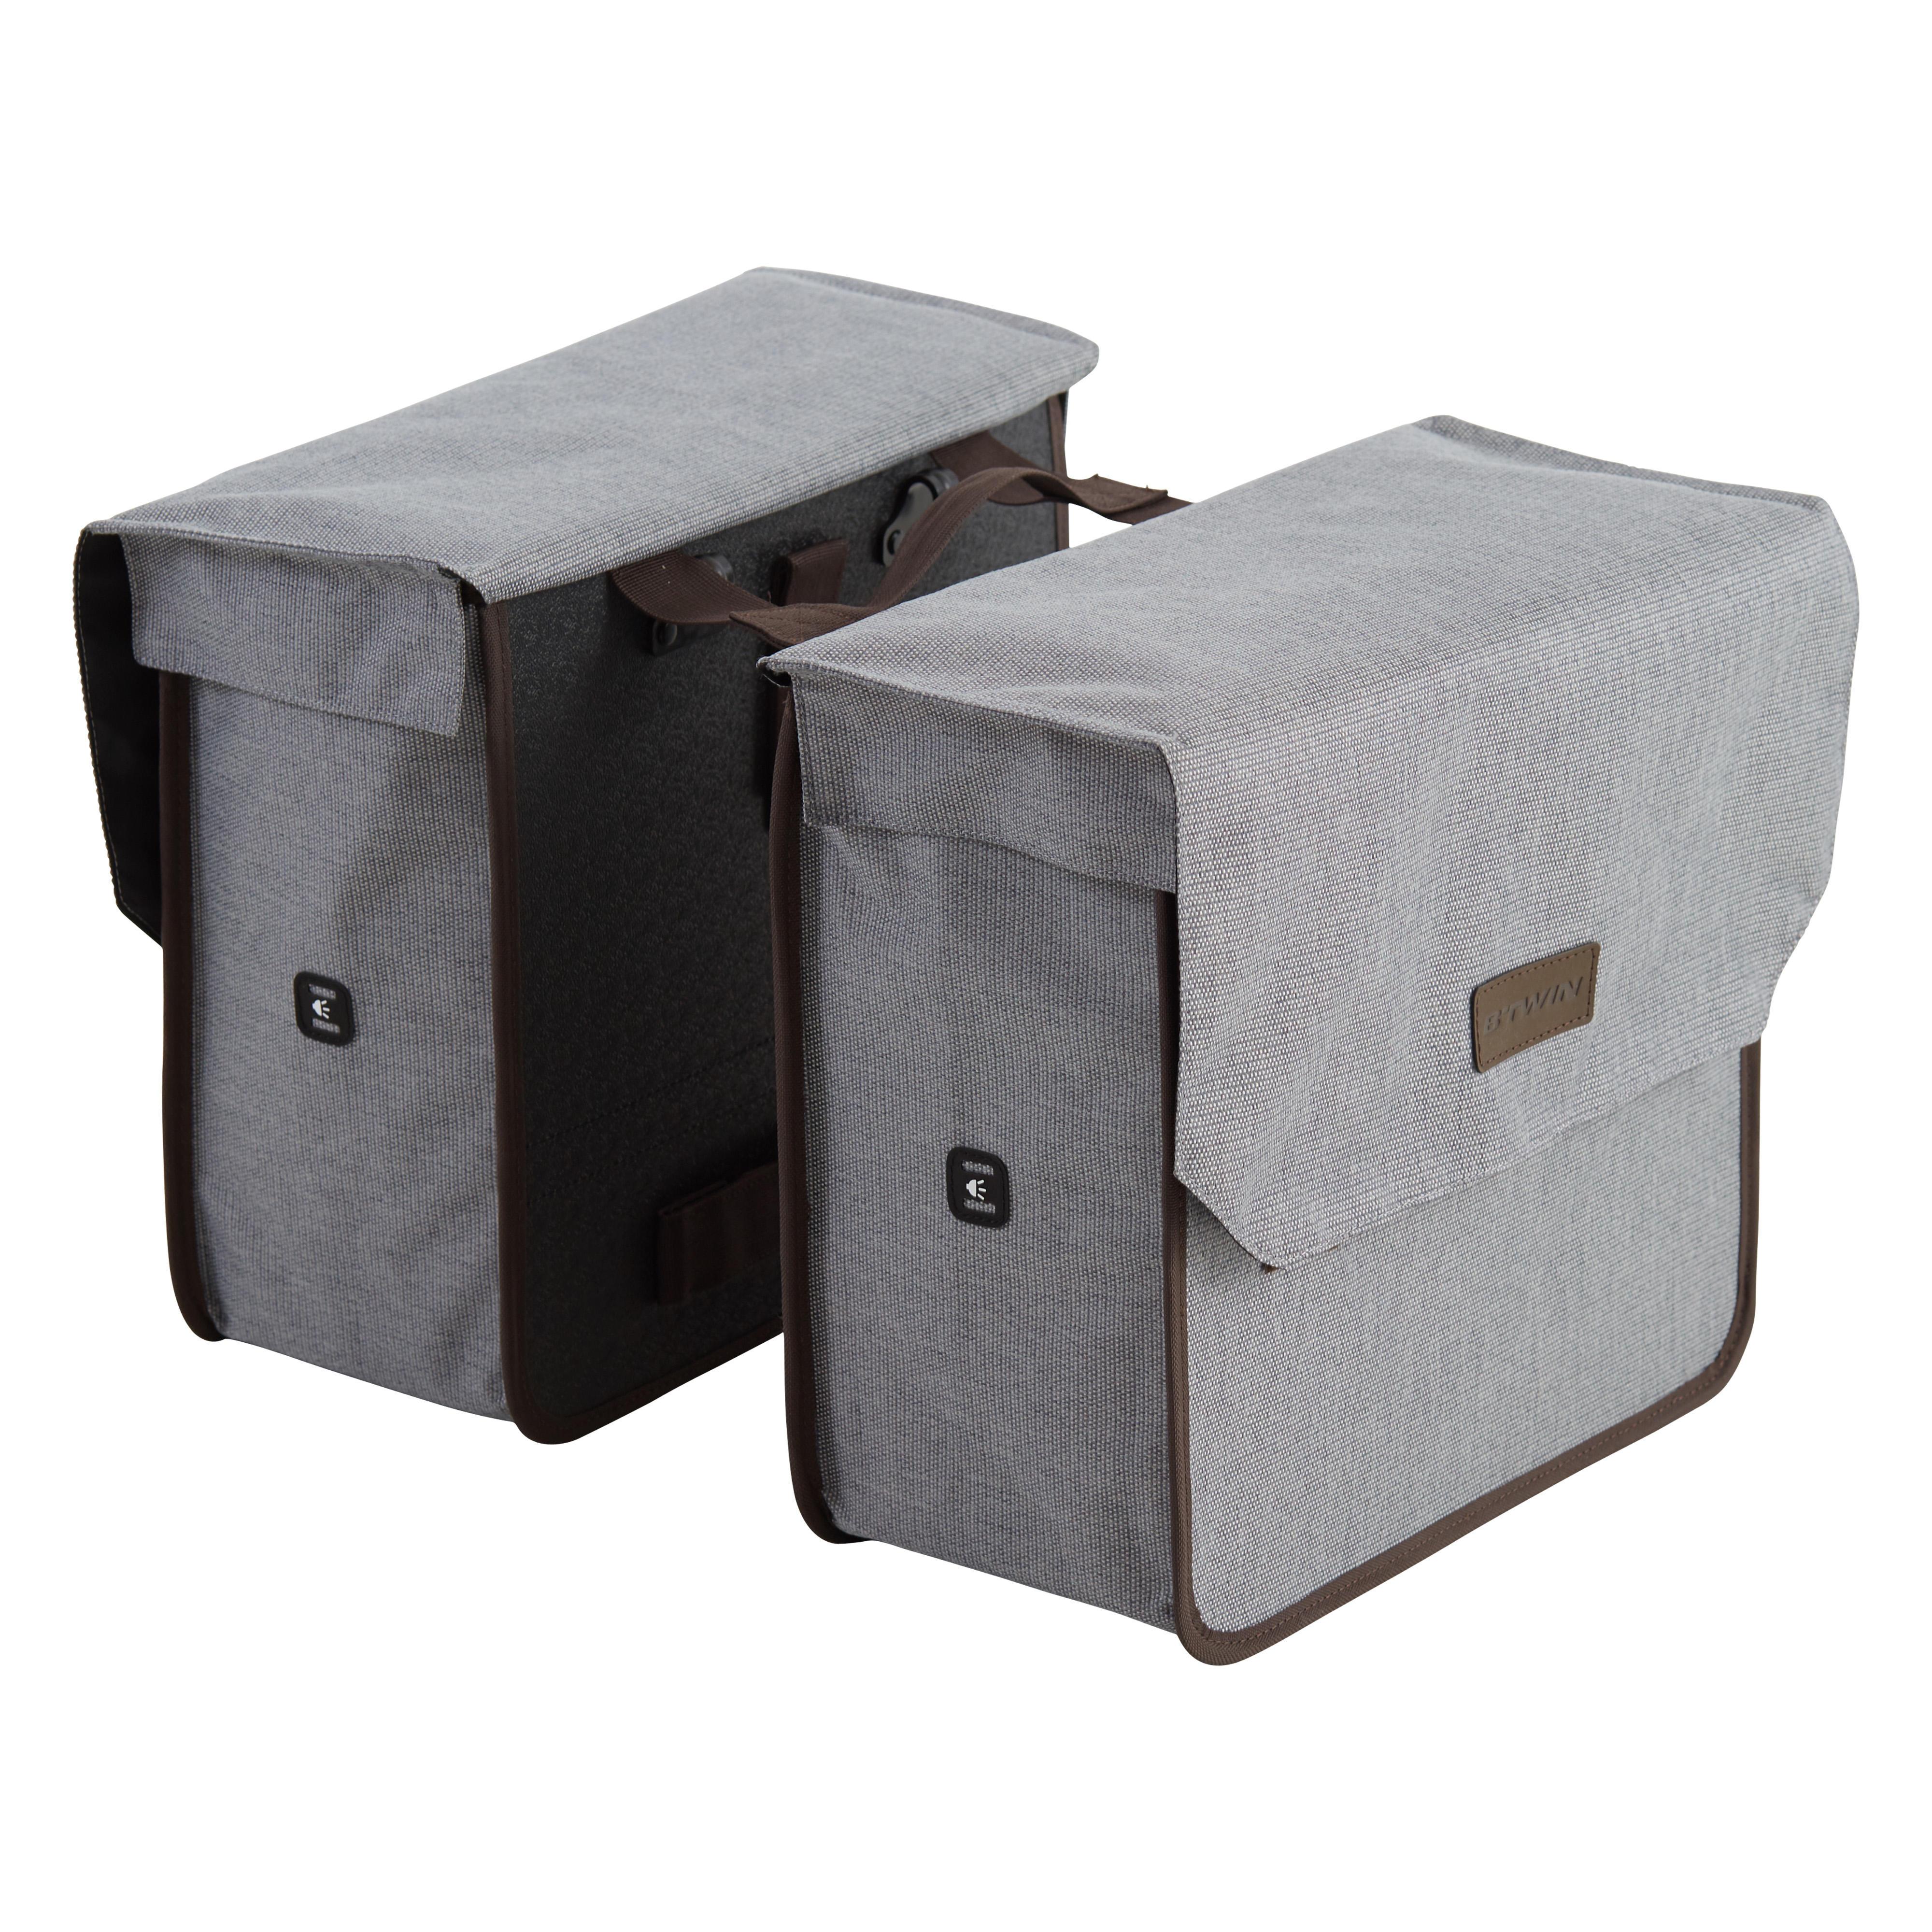 Doppel-Fahrradtasche Gepäcktasche 500 2 × 20 Liter | Taschen > Businesstaschen > Fahrrad-taschen Büro | Elops